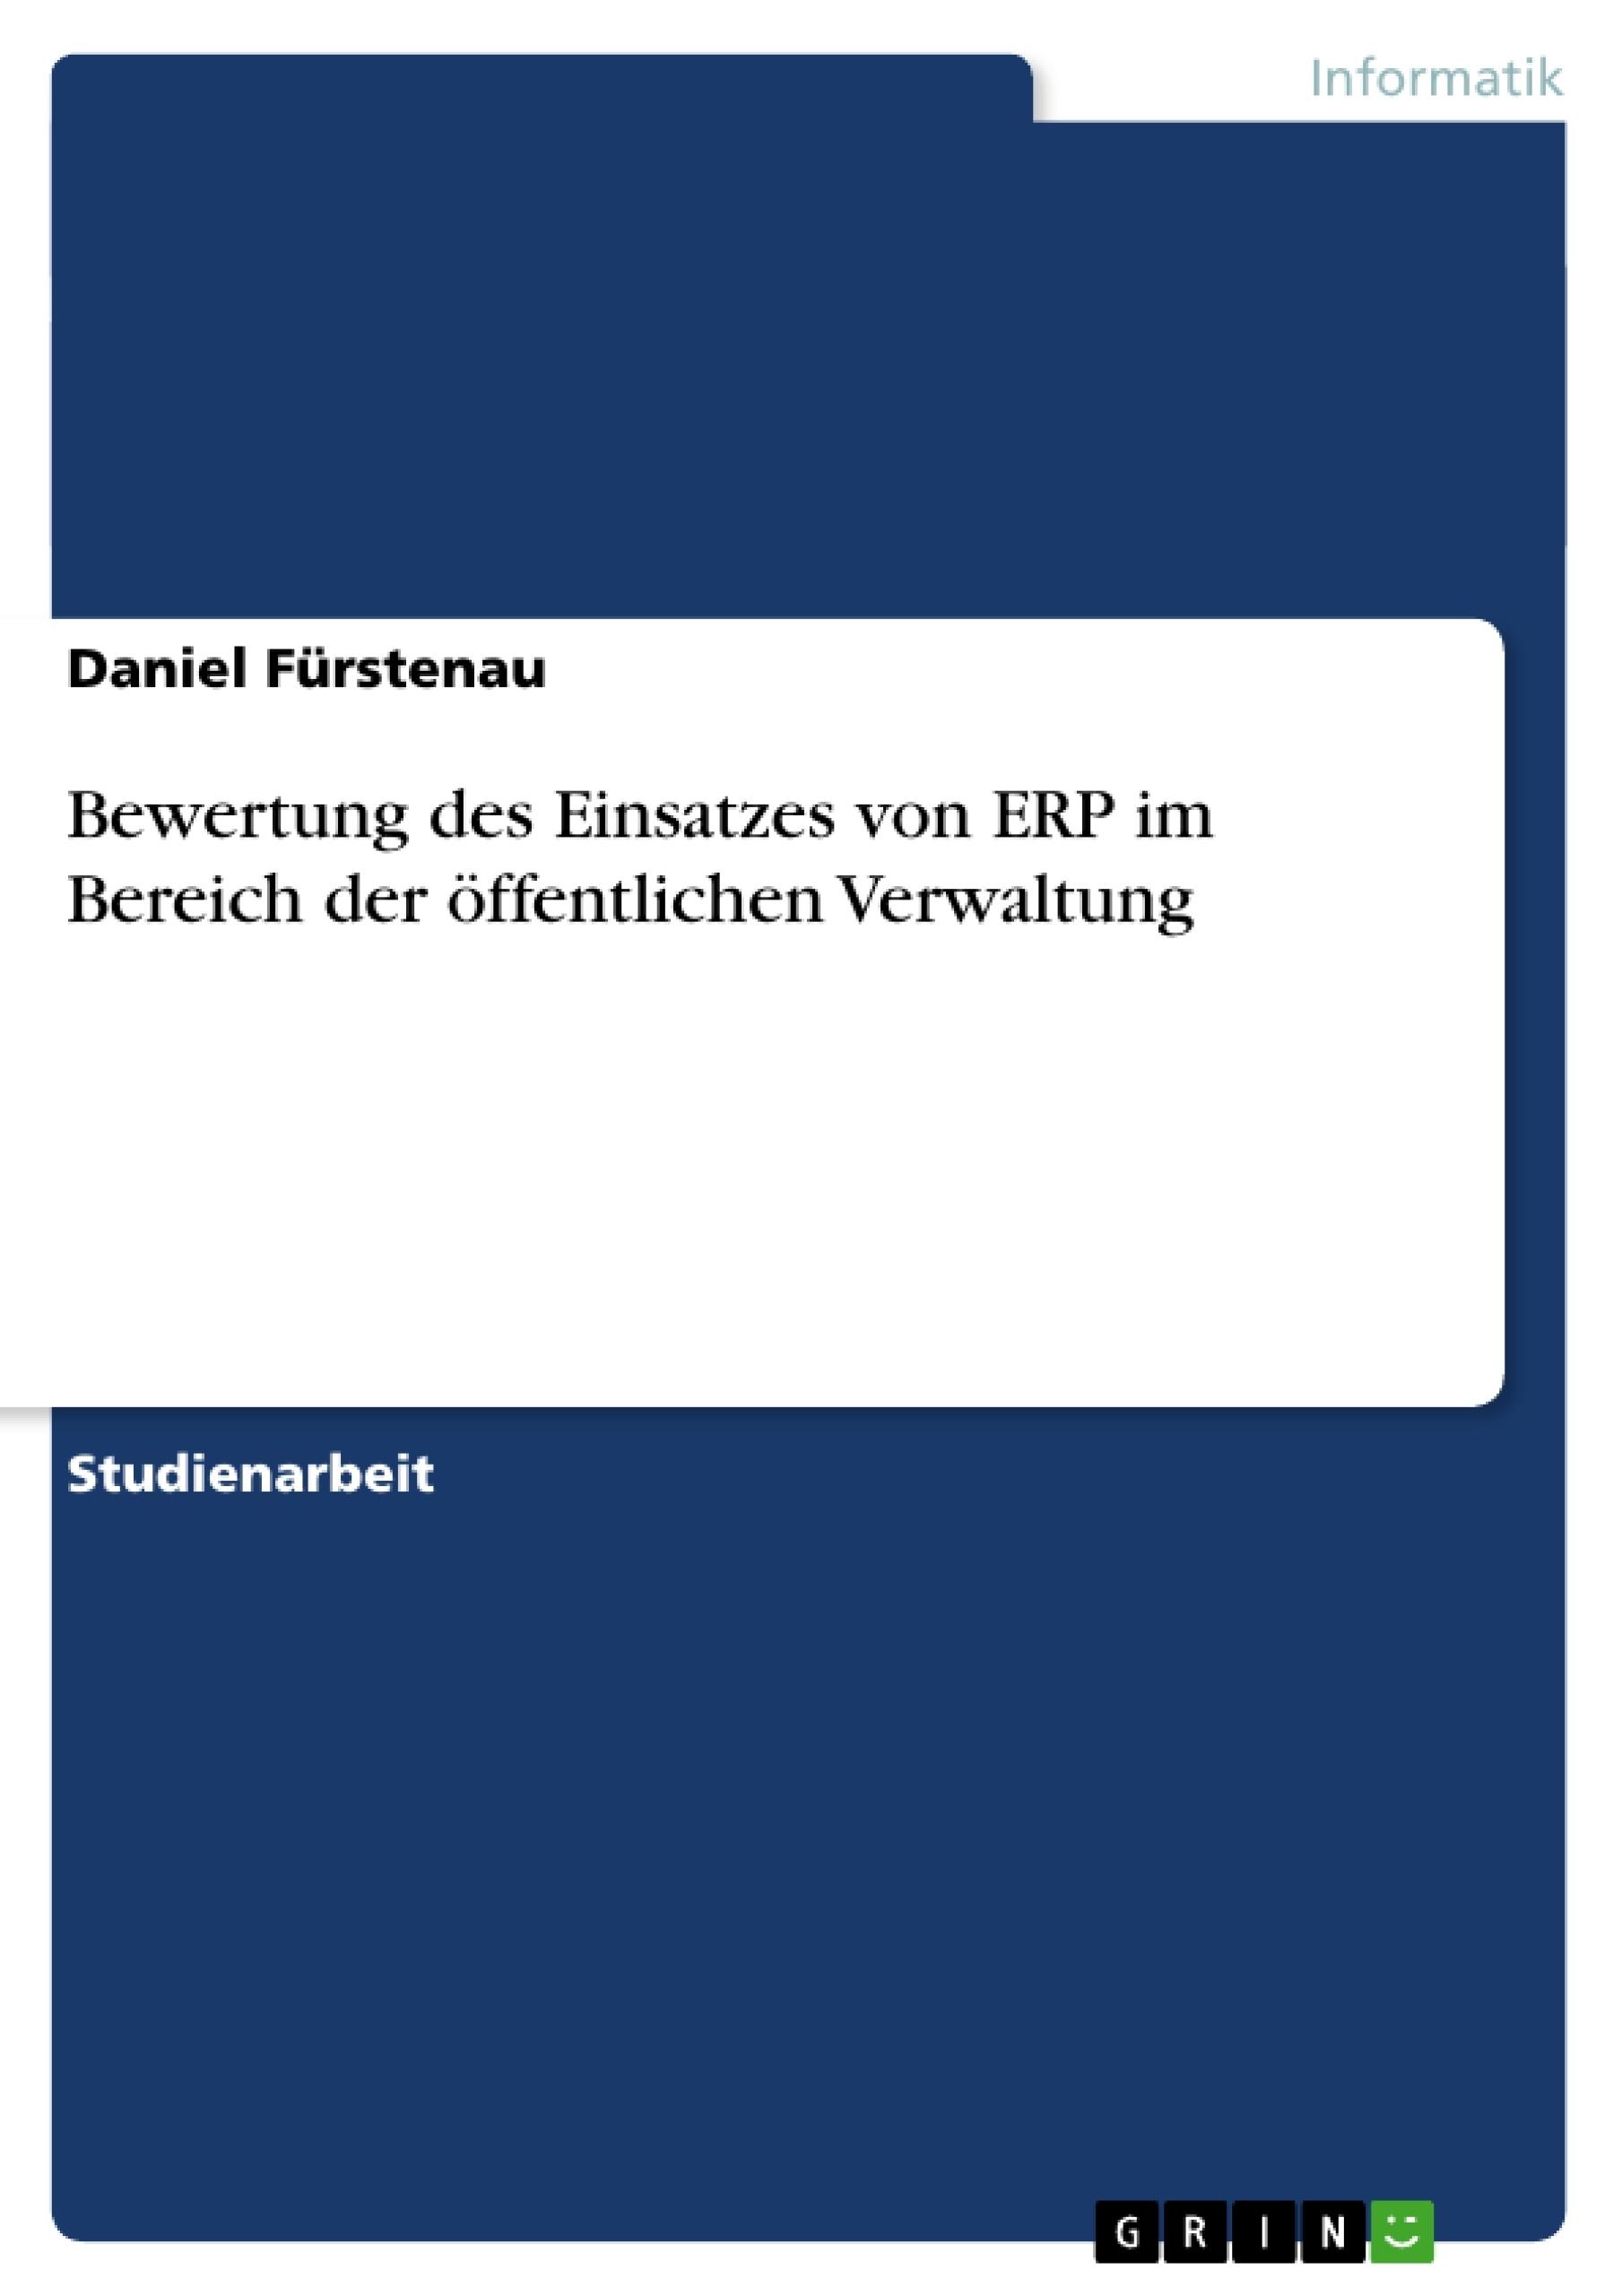 Titel: Bewertung des Einsatzes von ERP im Bereich der öffentlichen Verwaltung